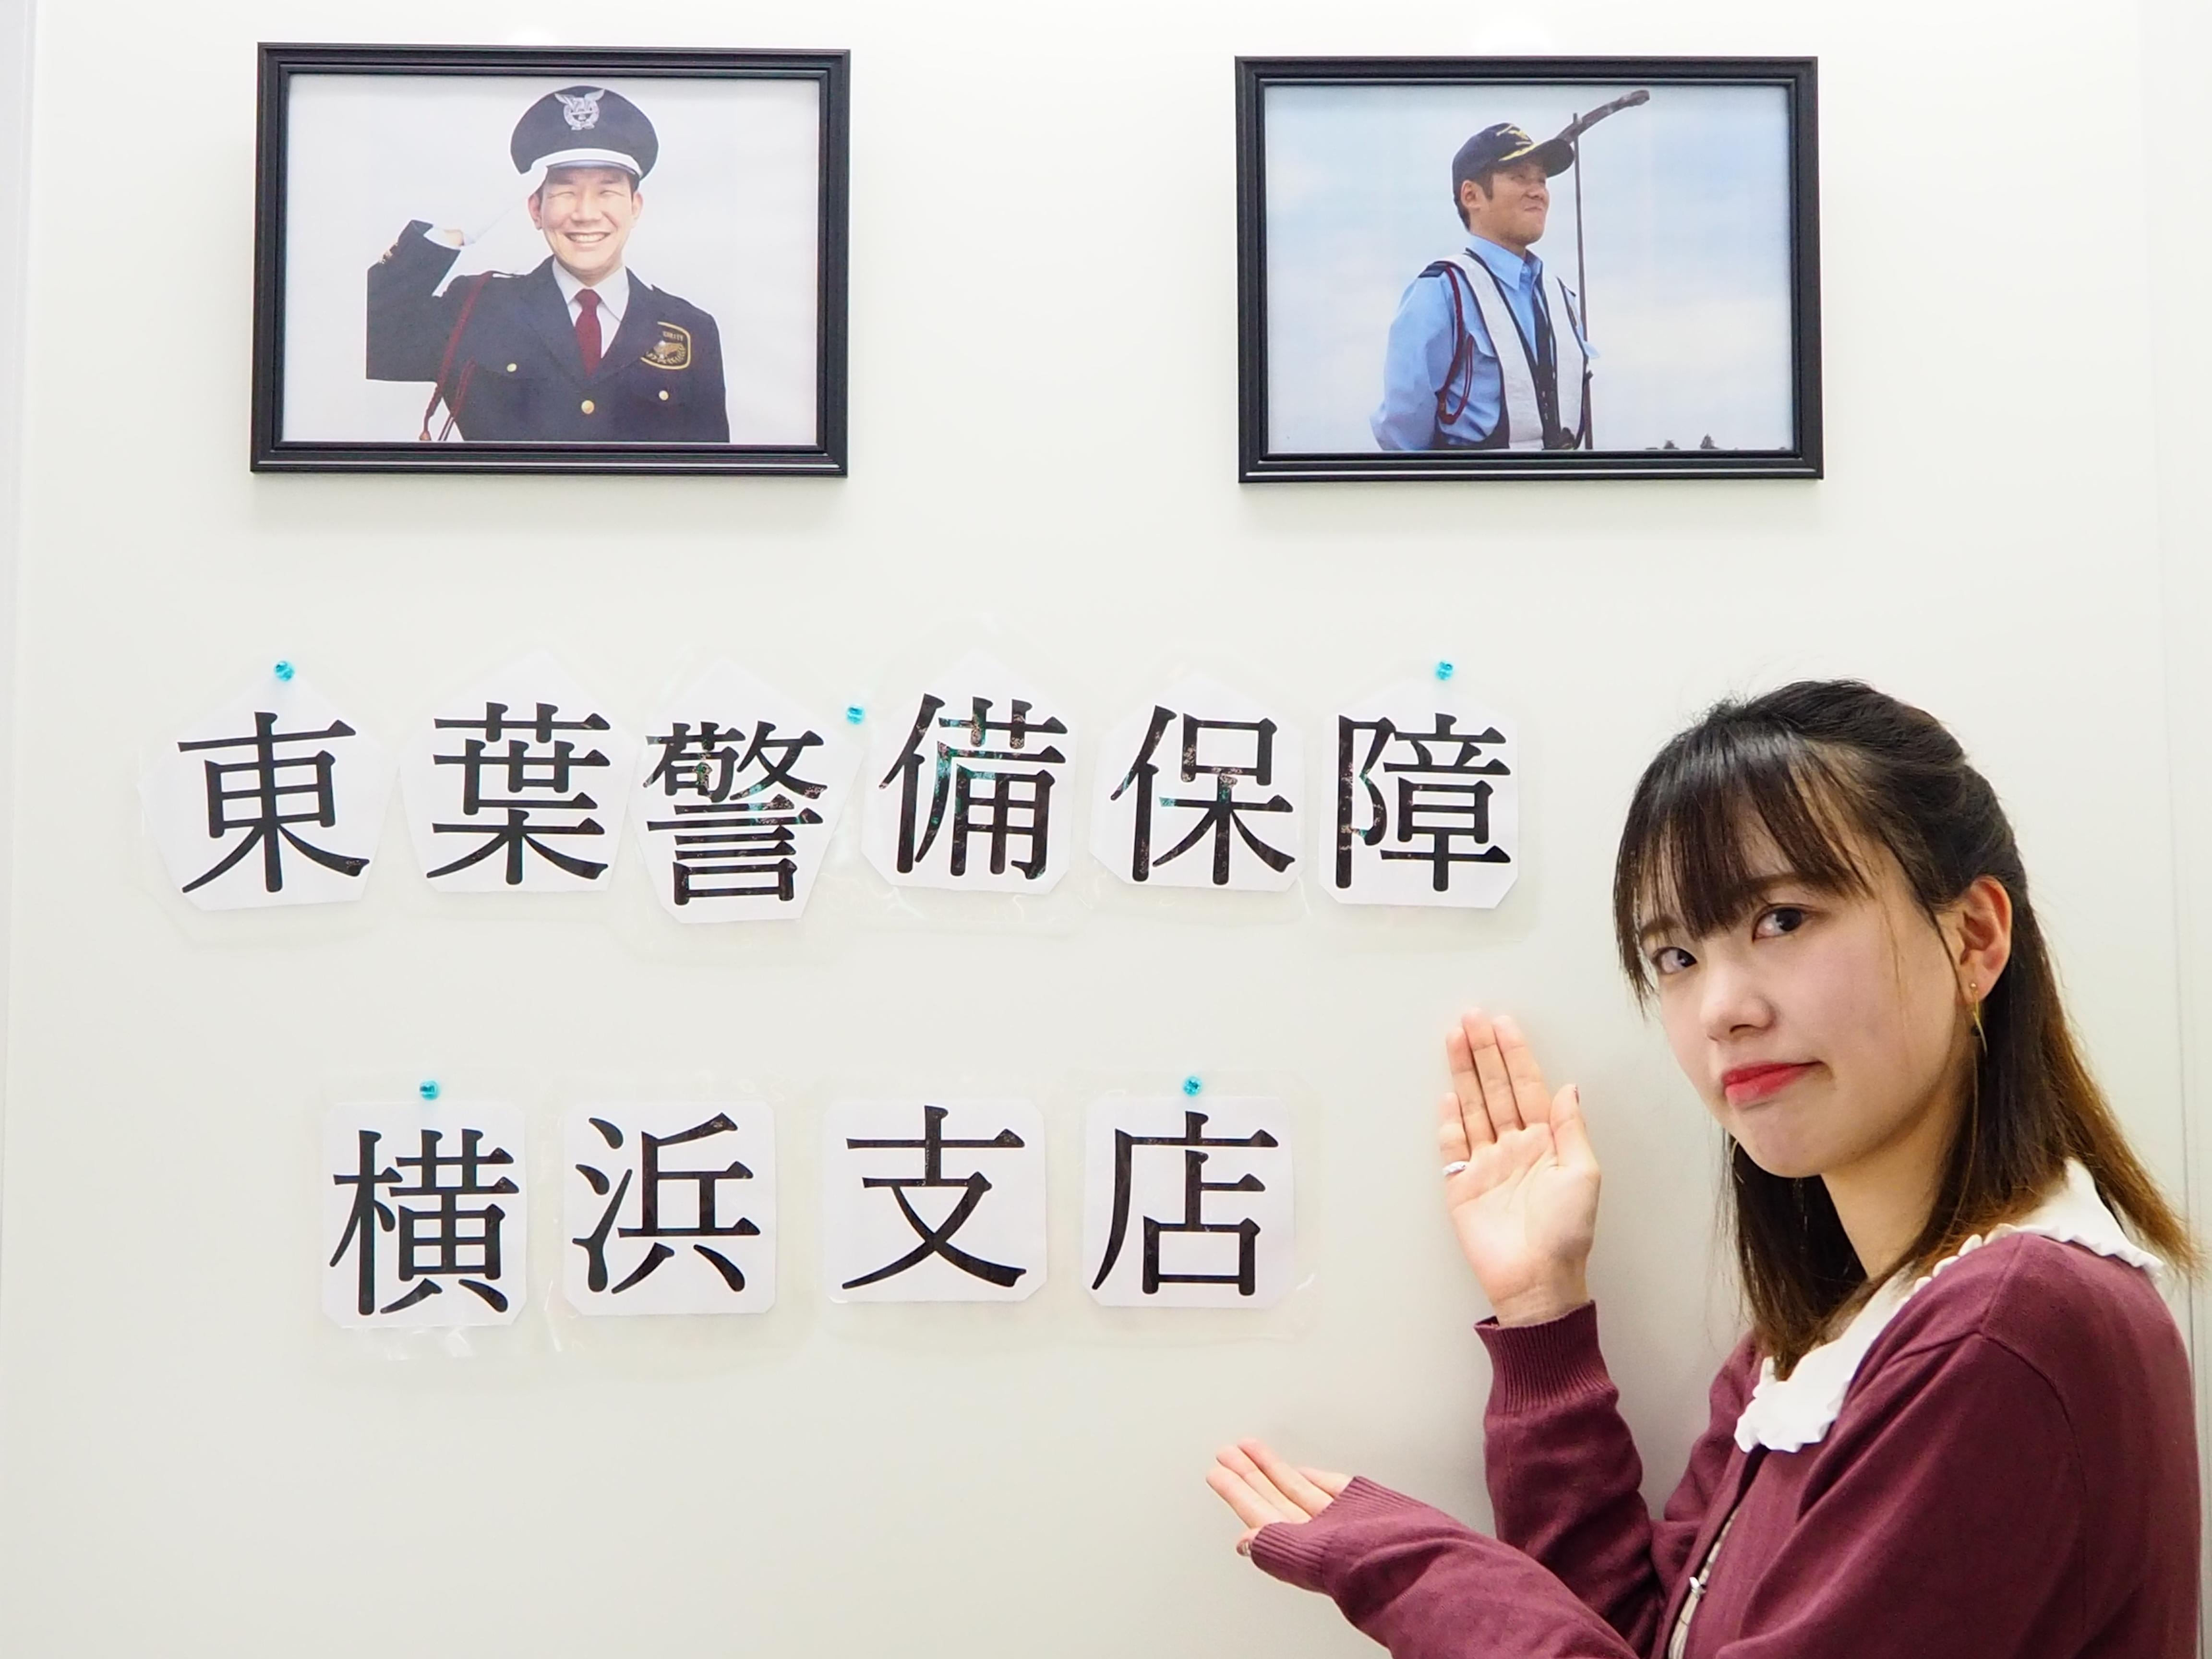 東葉警備保障株式会社 横浜支店の求人画像